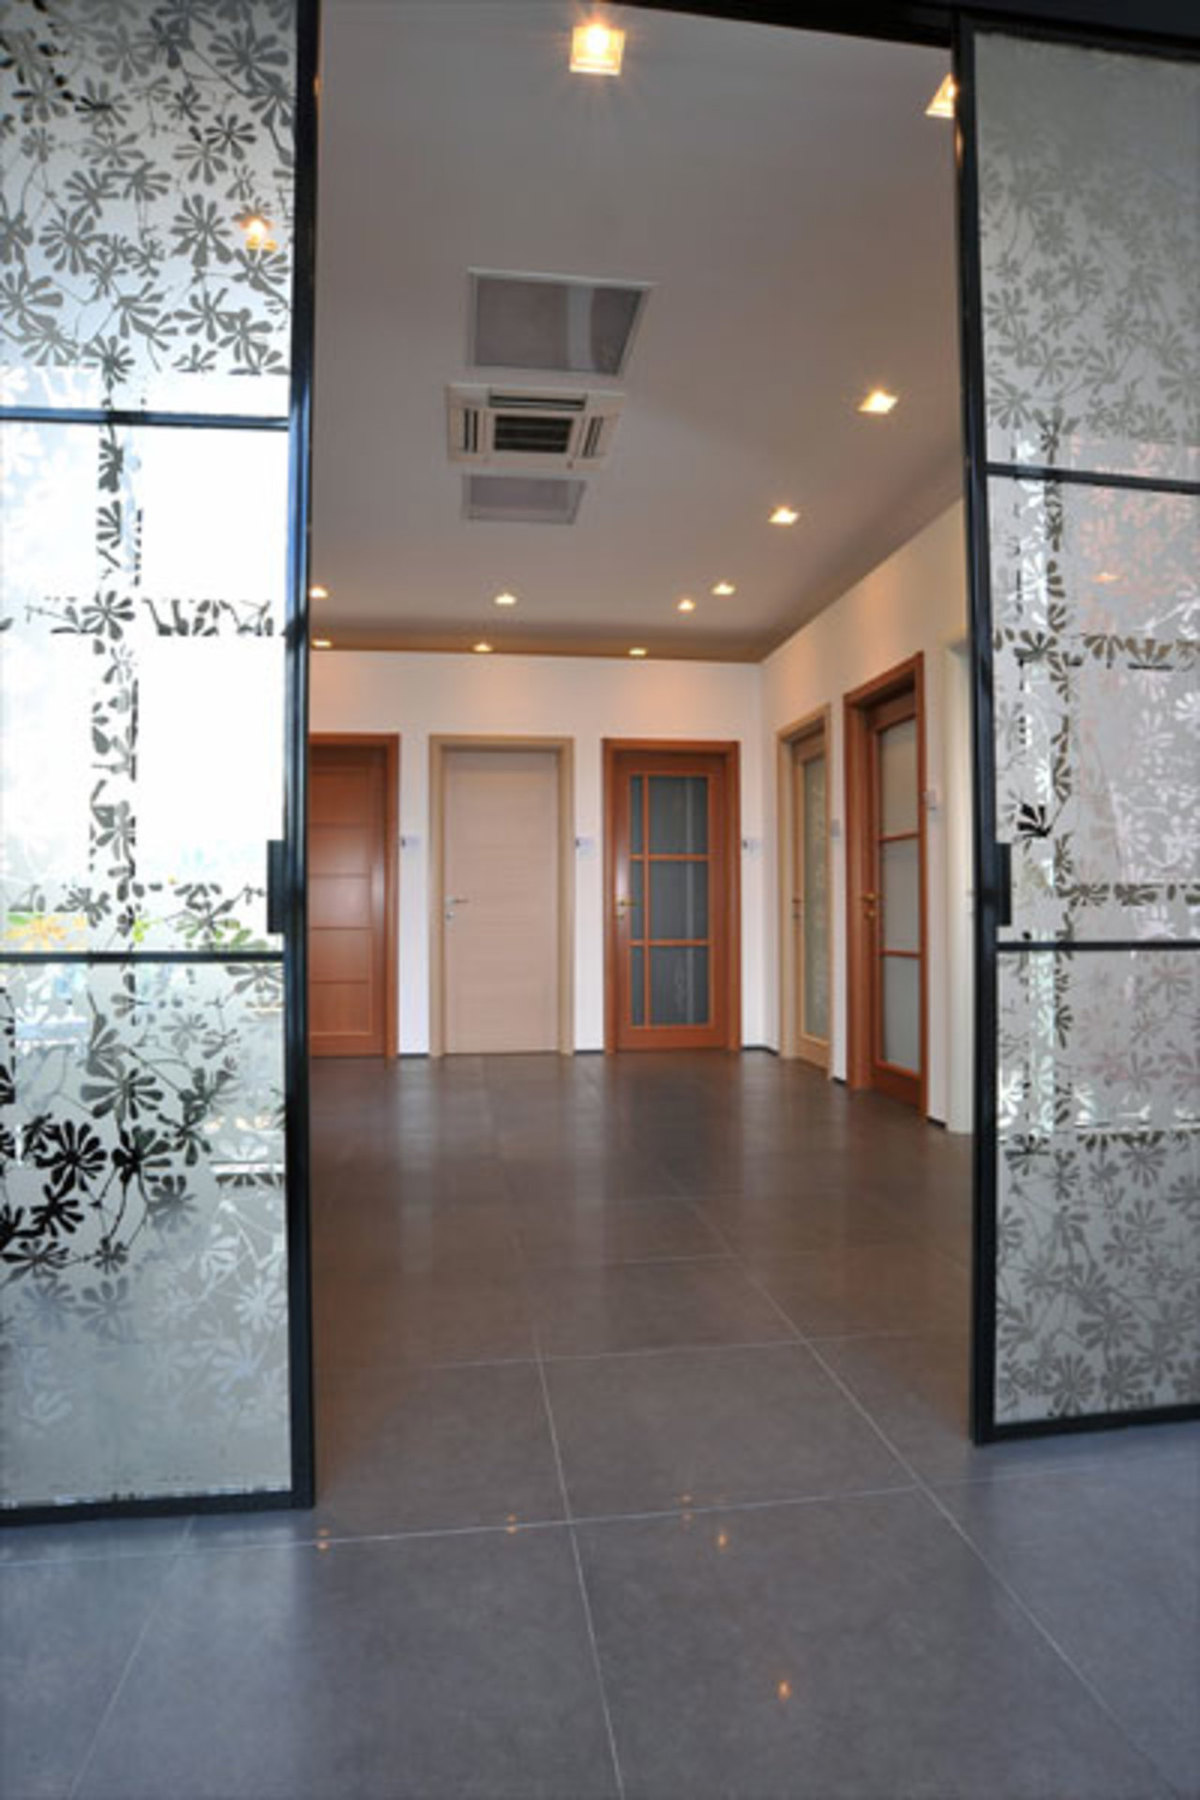 New Nusco Porte showroom | Floornature